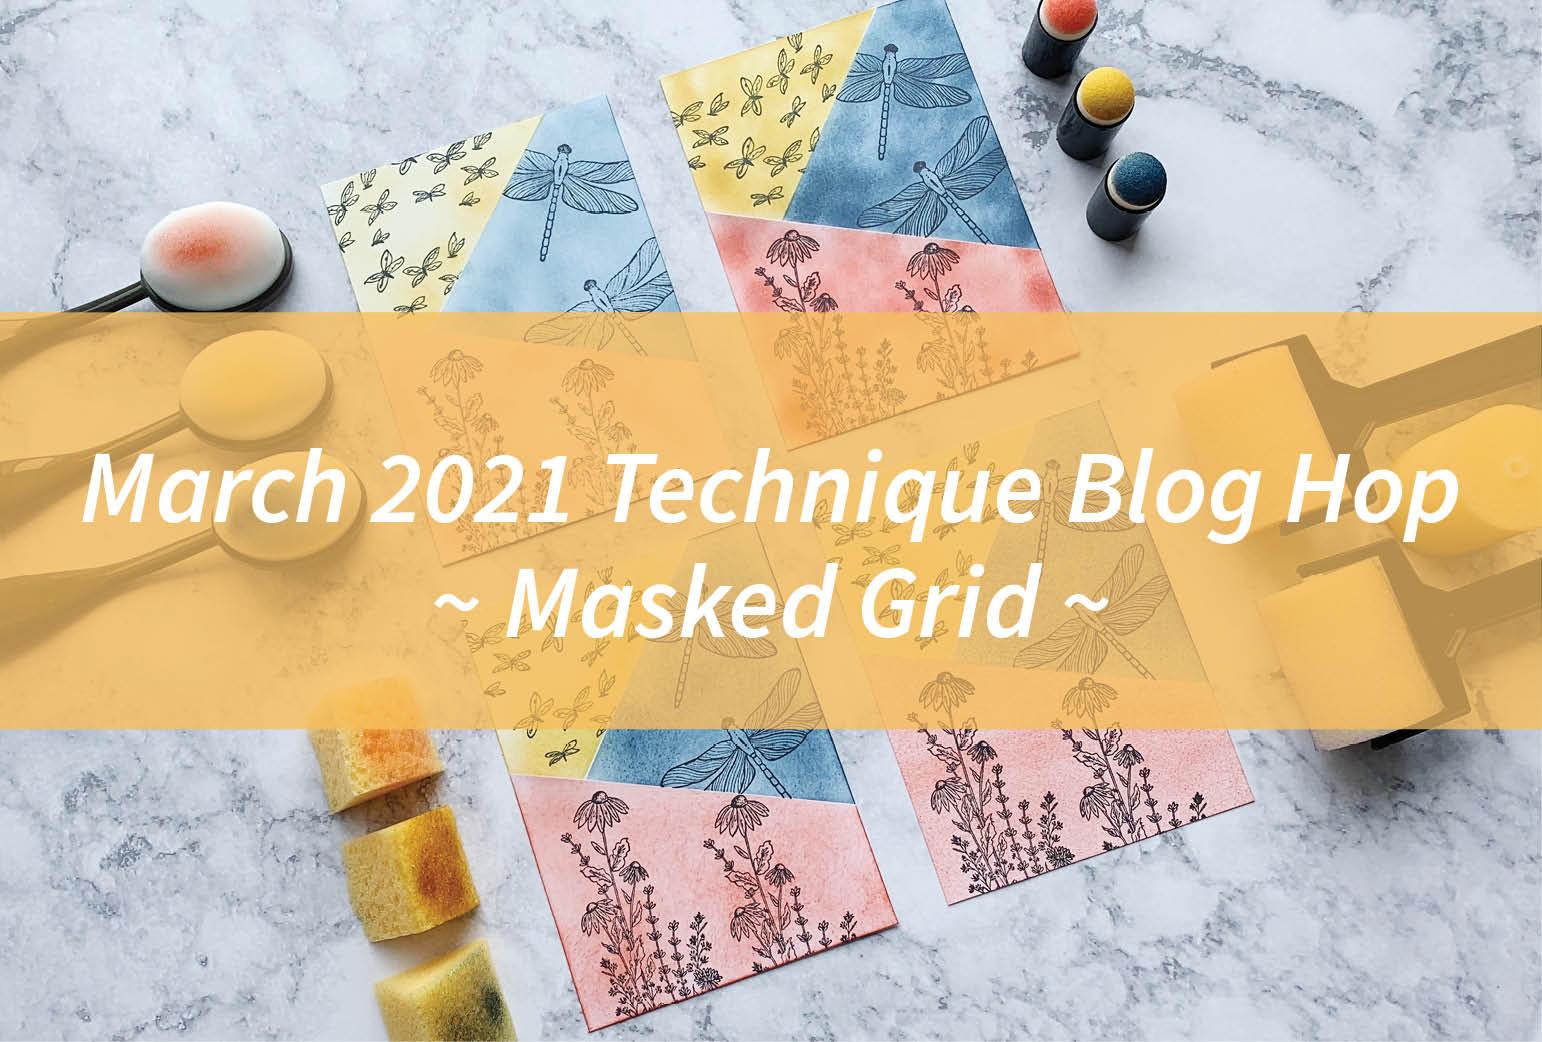 March 2021 Technique Blog Hop – Masked Grid